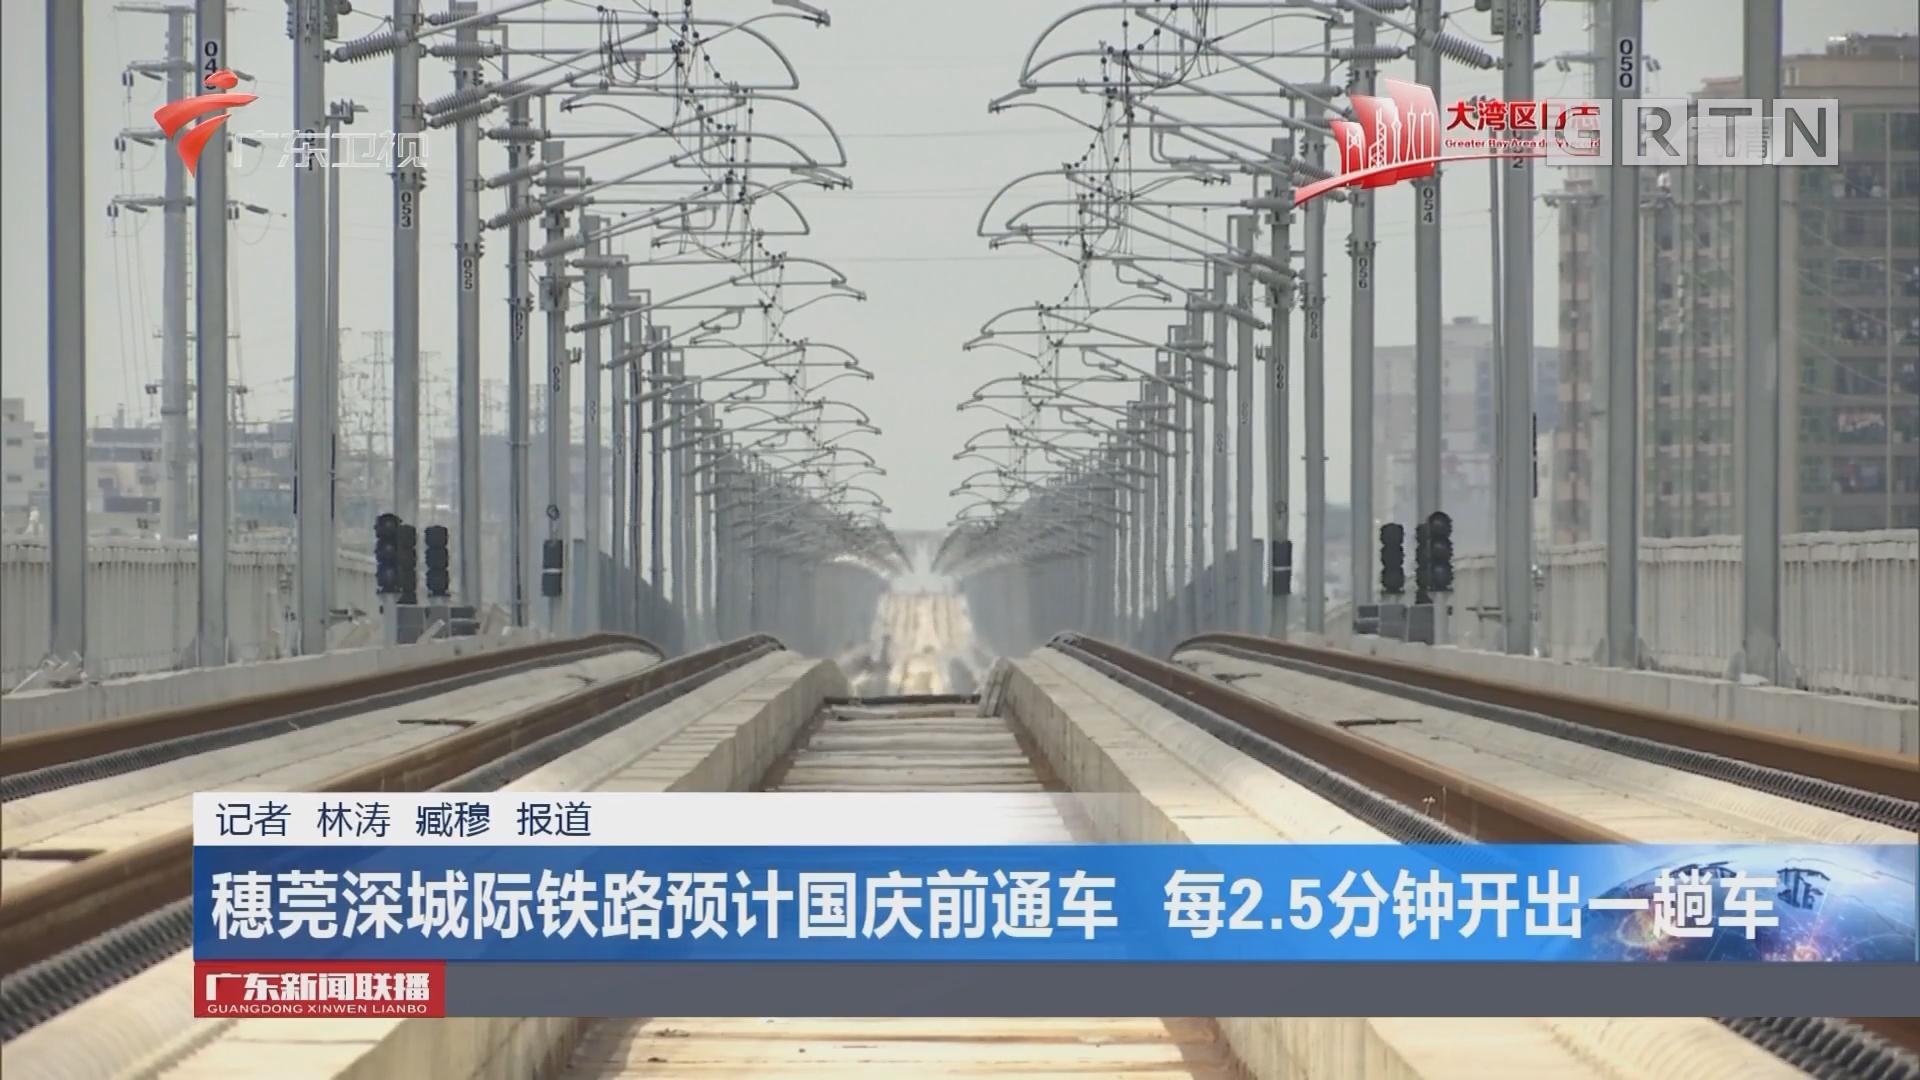 穗莞深城际铁路预计国庆前通车 每2.5分钟开出一趟车